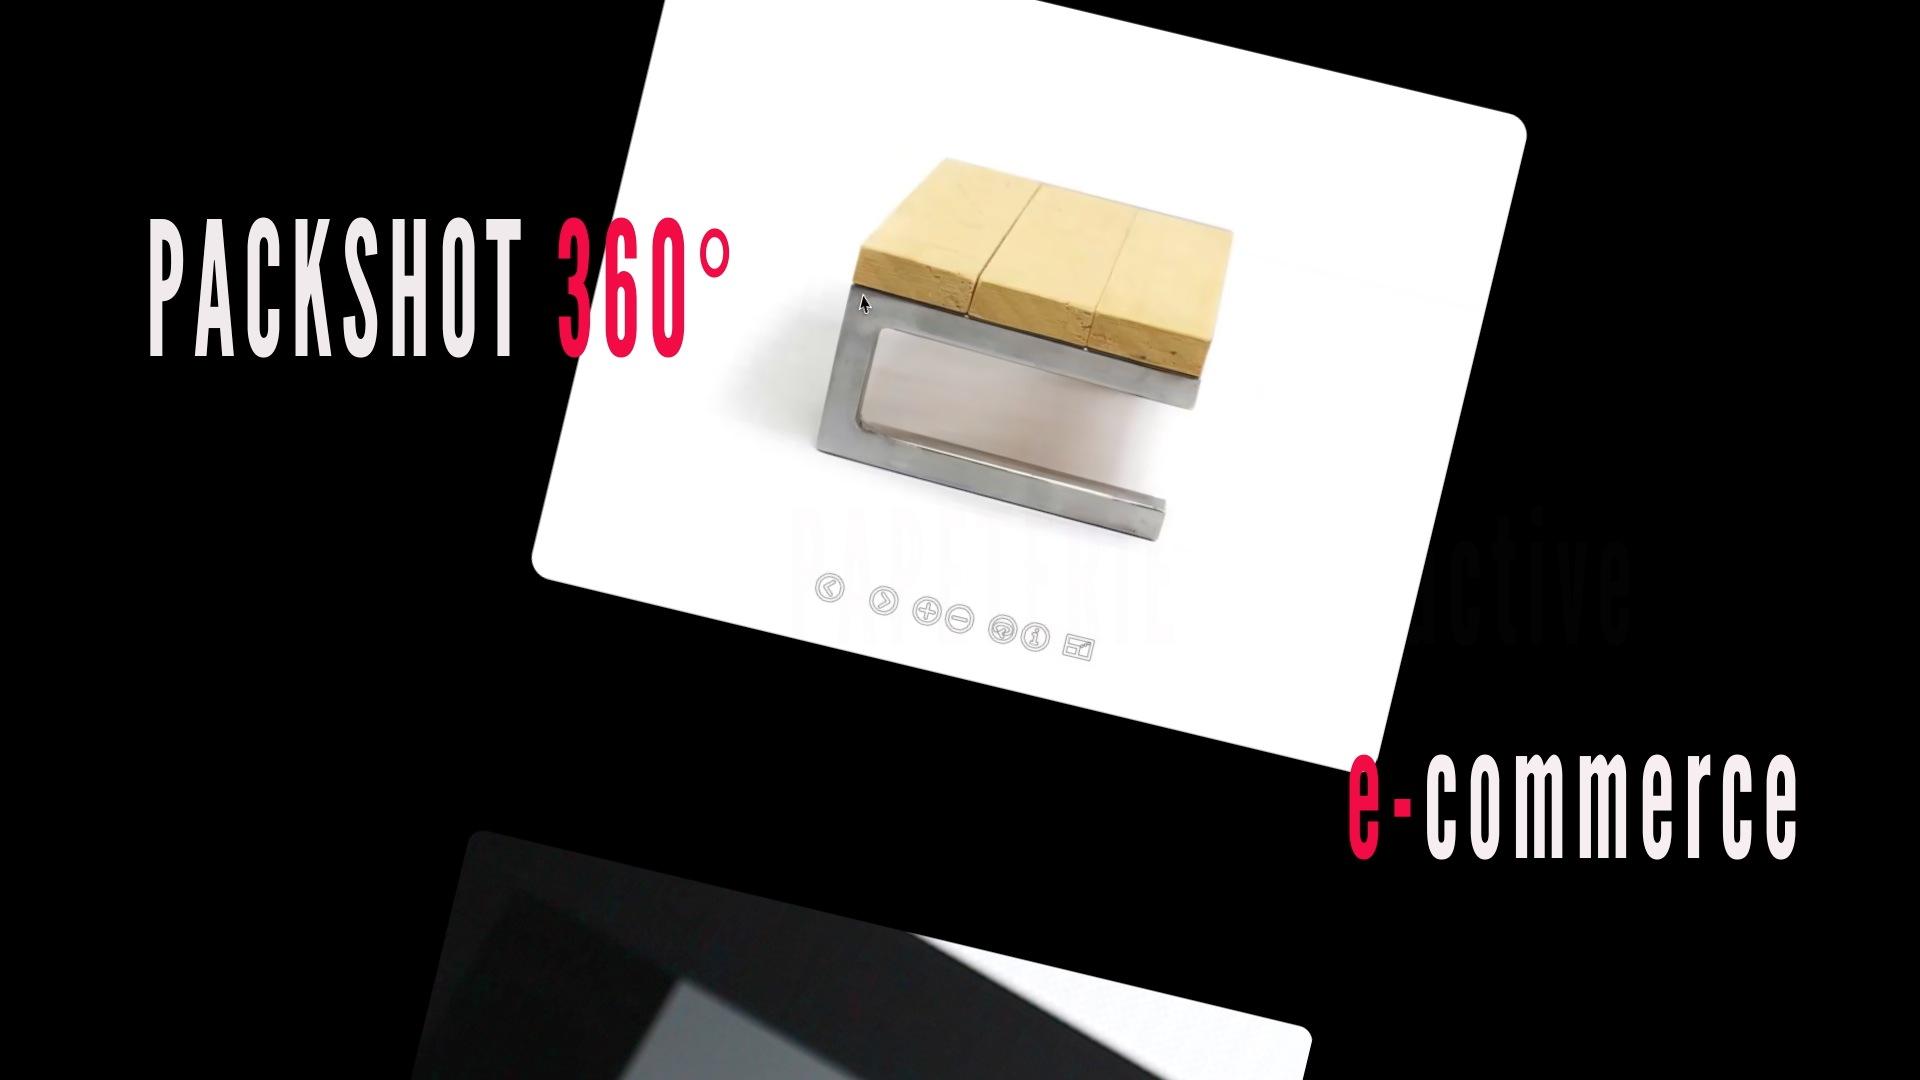 Packshot 360 e-commerce marketing multimedia7